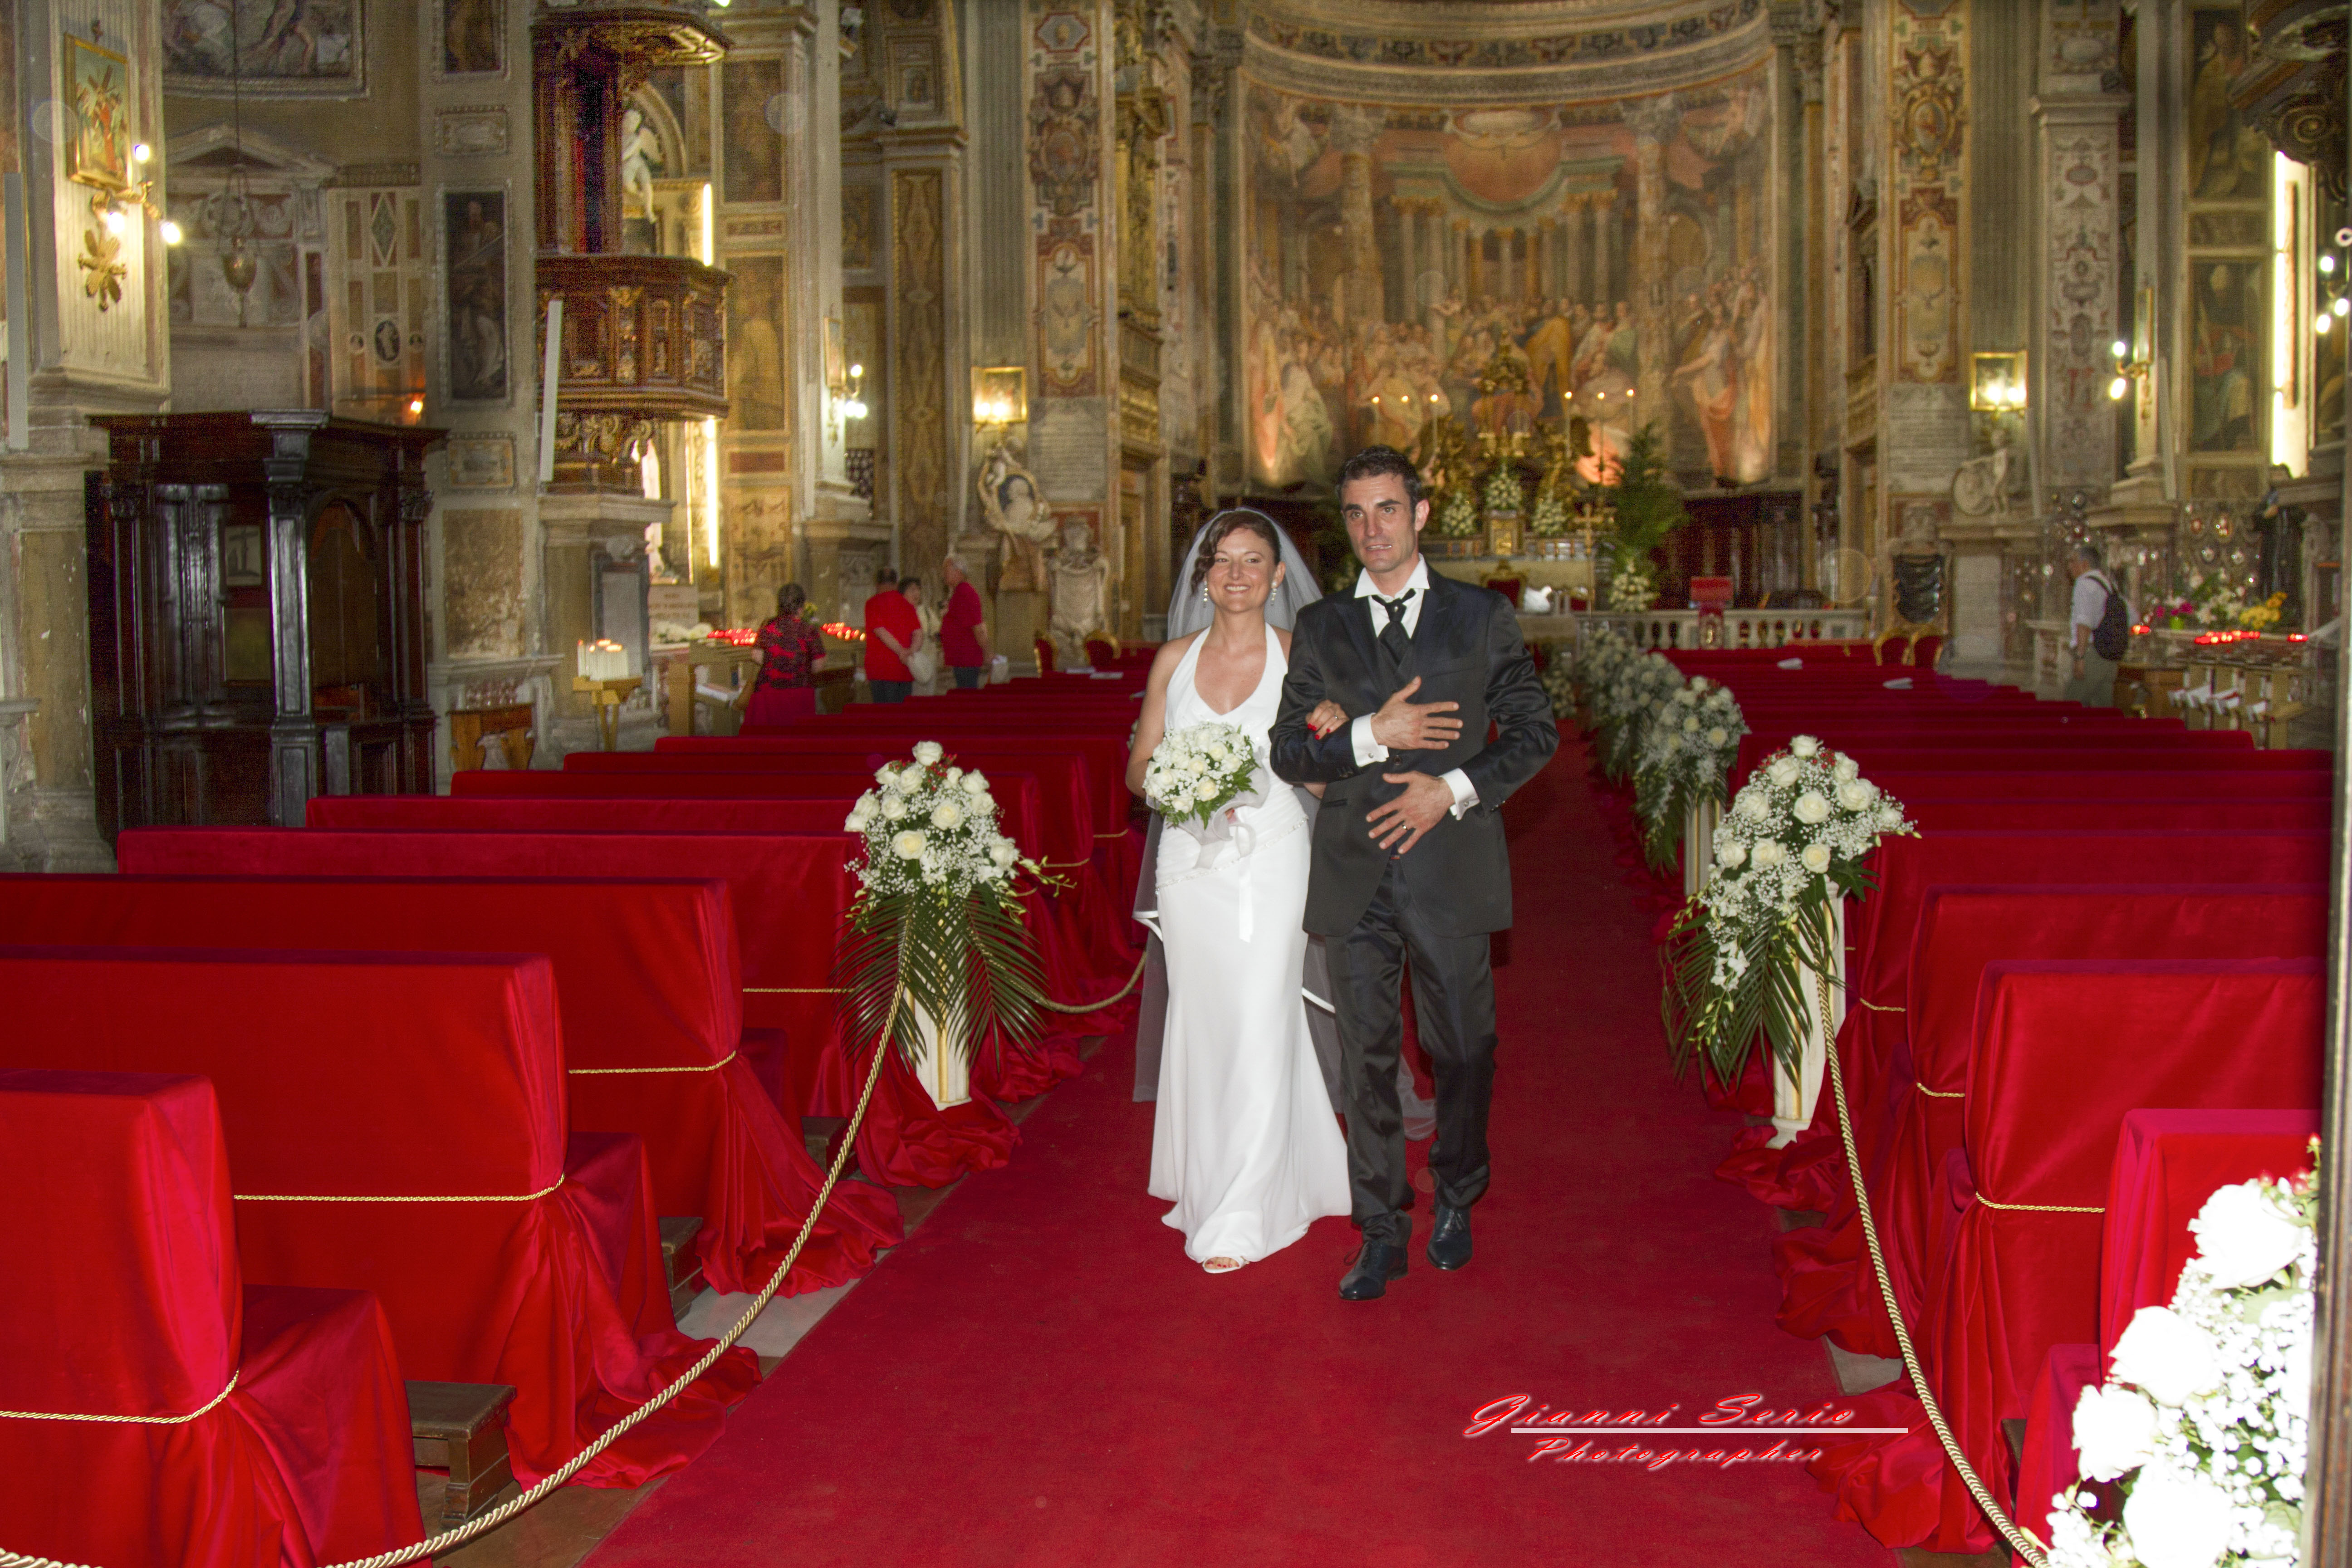 Matrimonio in chiesa di Santo Spirito in Sassia a Roma.